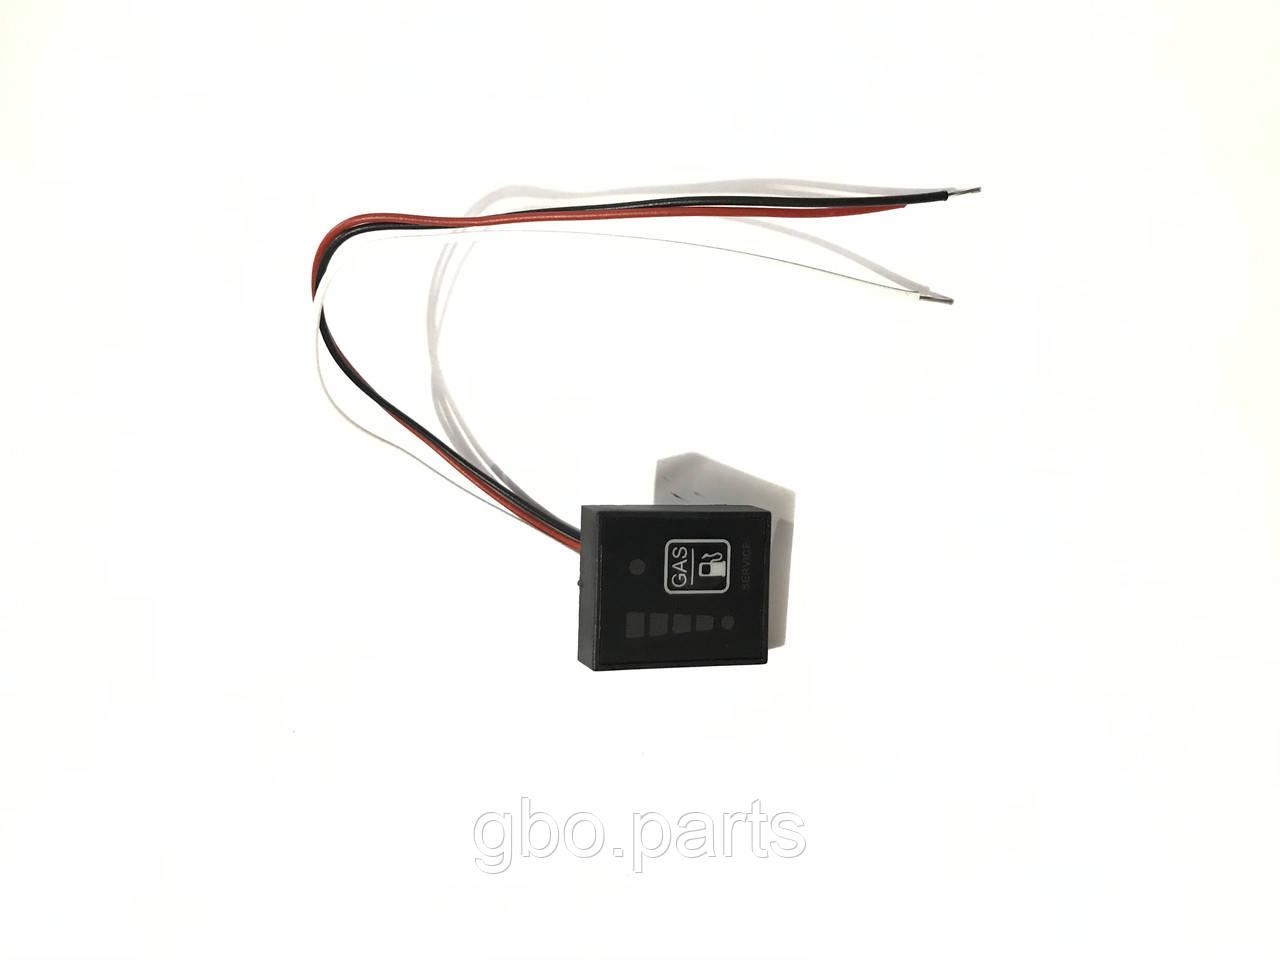 Перемикач (кнопка) LED-200 для електроніки Stag-4 GoFast 4 цил. 4-е покоління